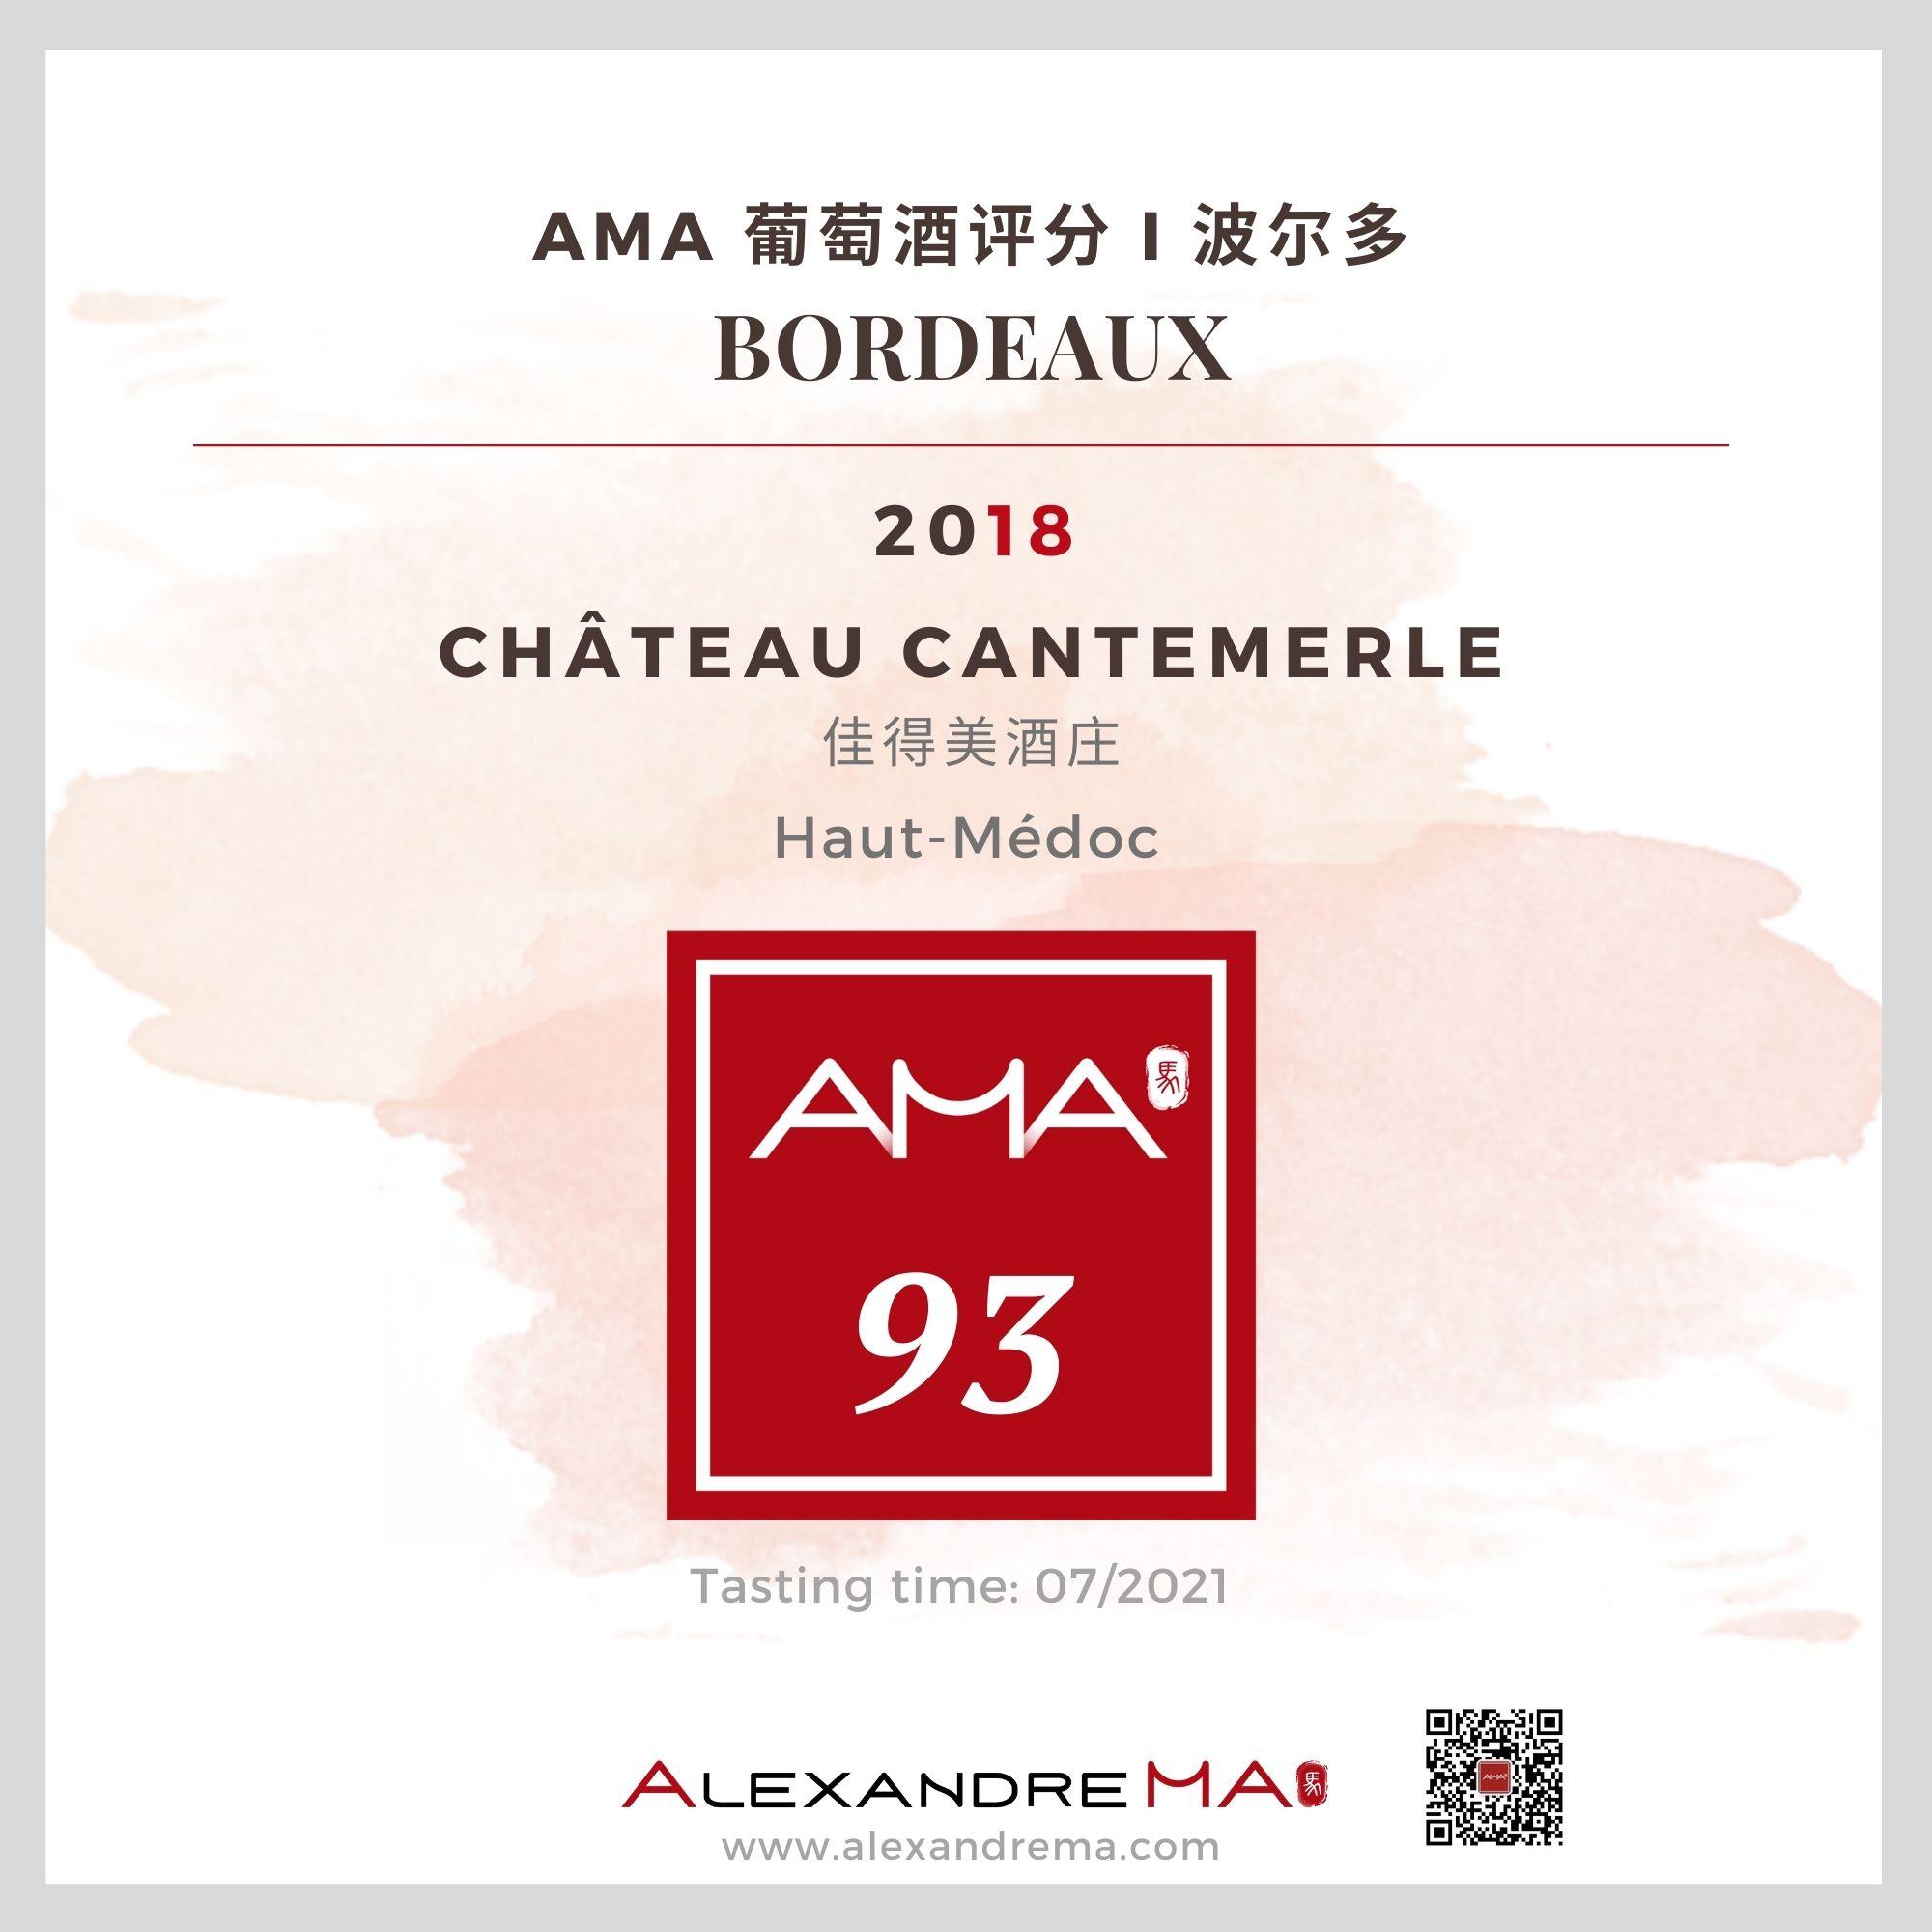 Château Cantemerle 2018 佳得美酒庄 - Alexandre Ma